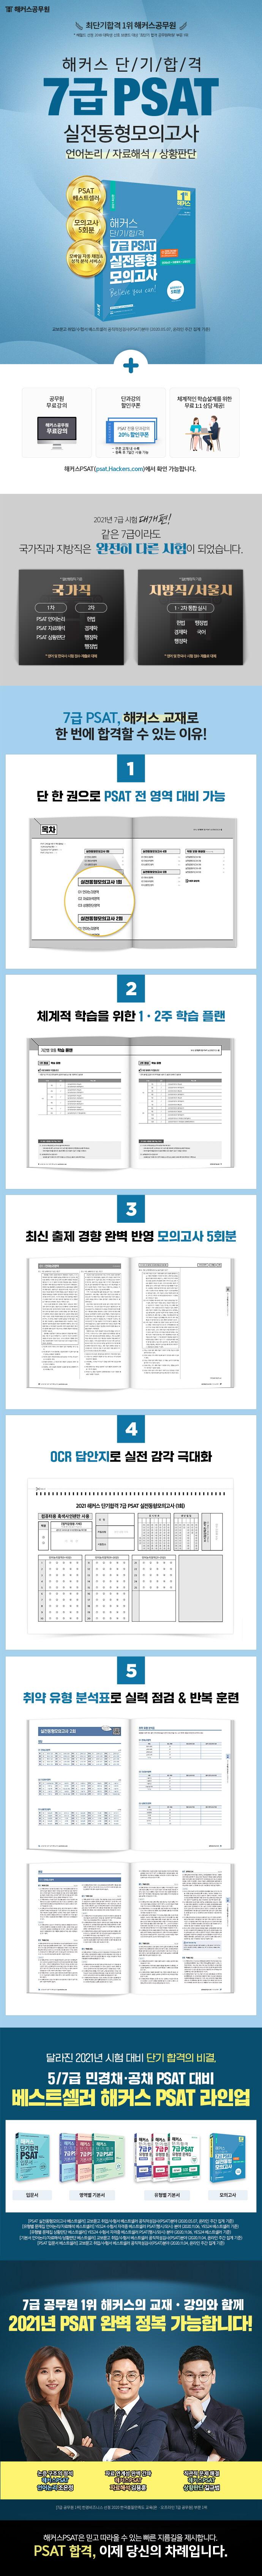 해커스 단기합격 7급 PSAT 실전동형모의고사(언어논리+자료해석+상황판단)(2021) 도서 상세이미지